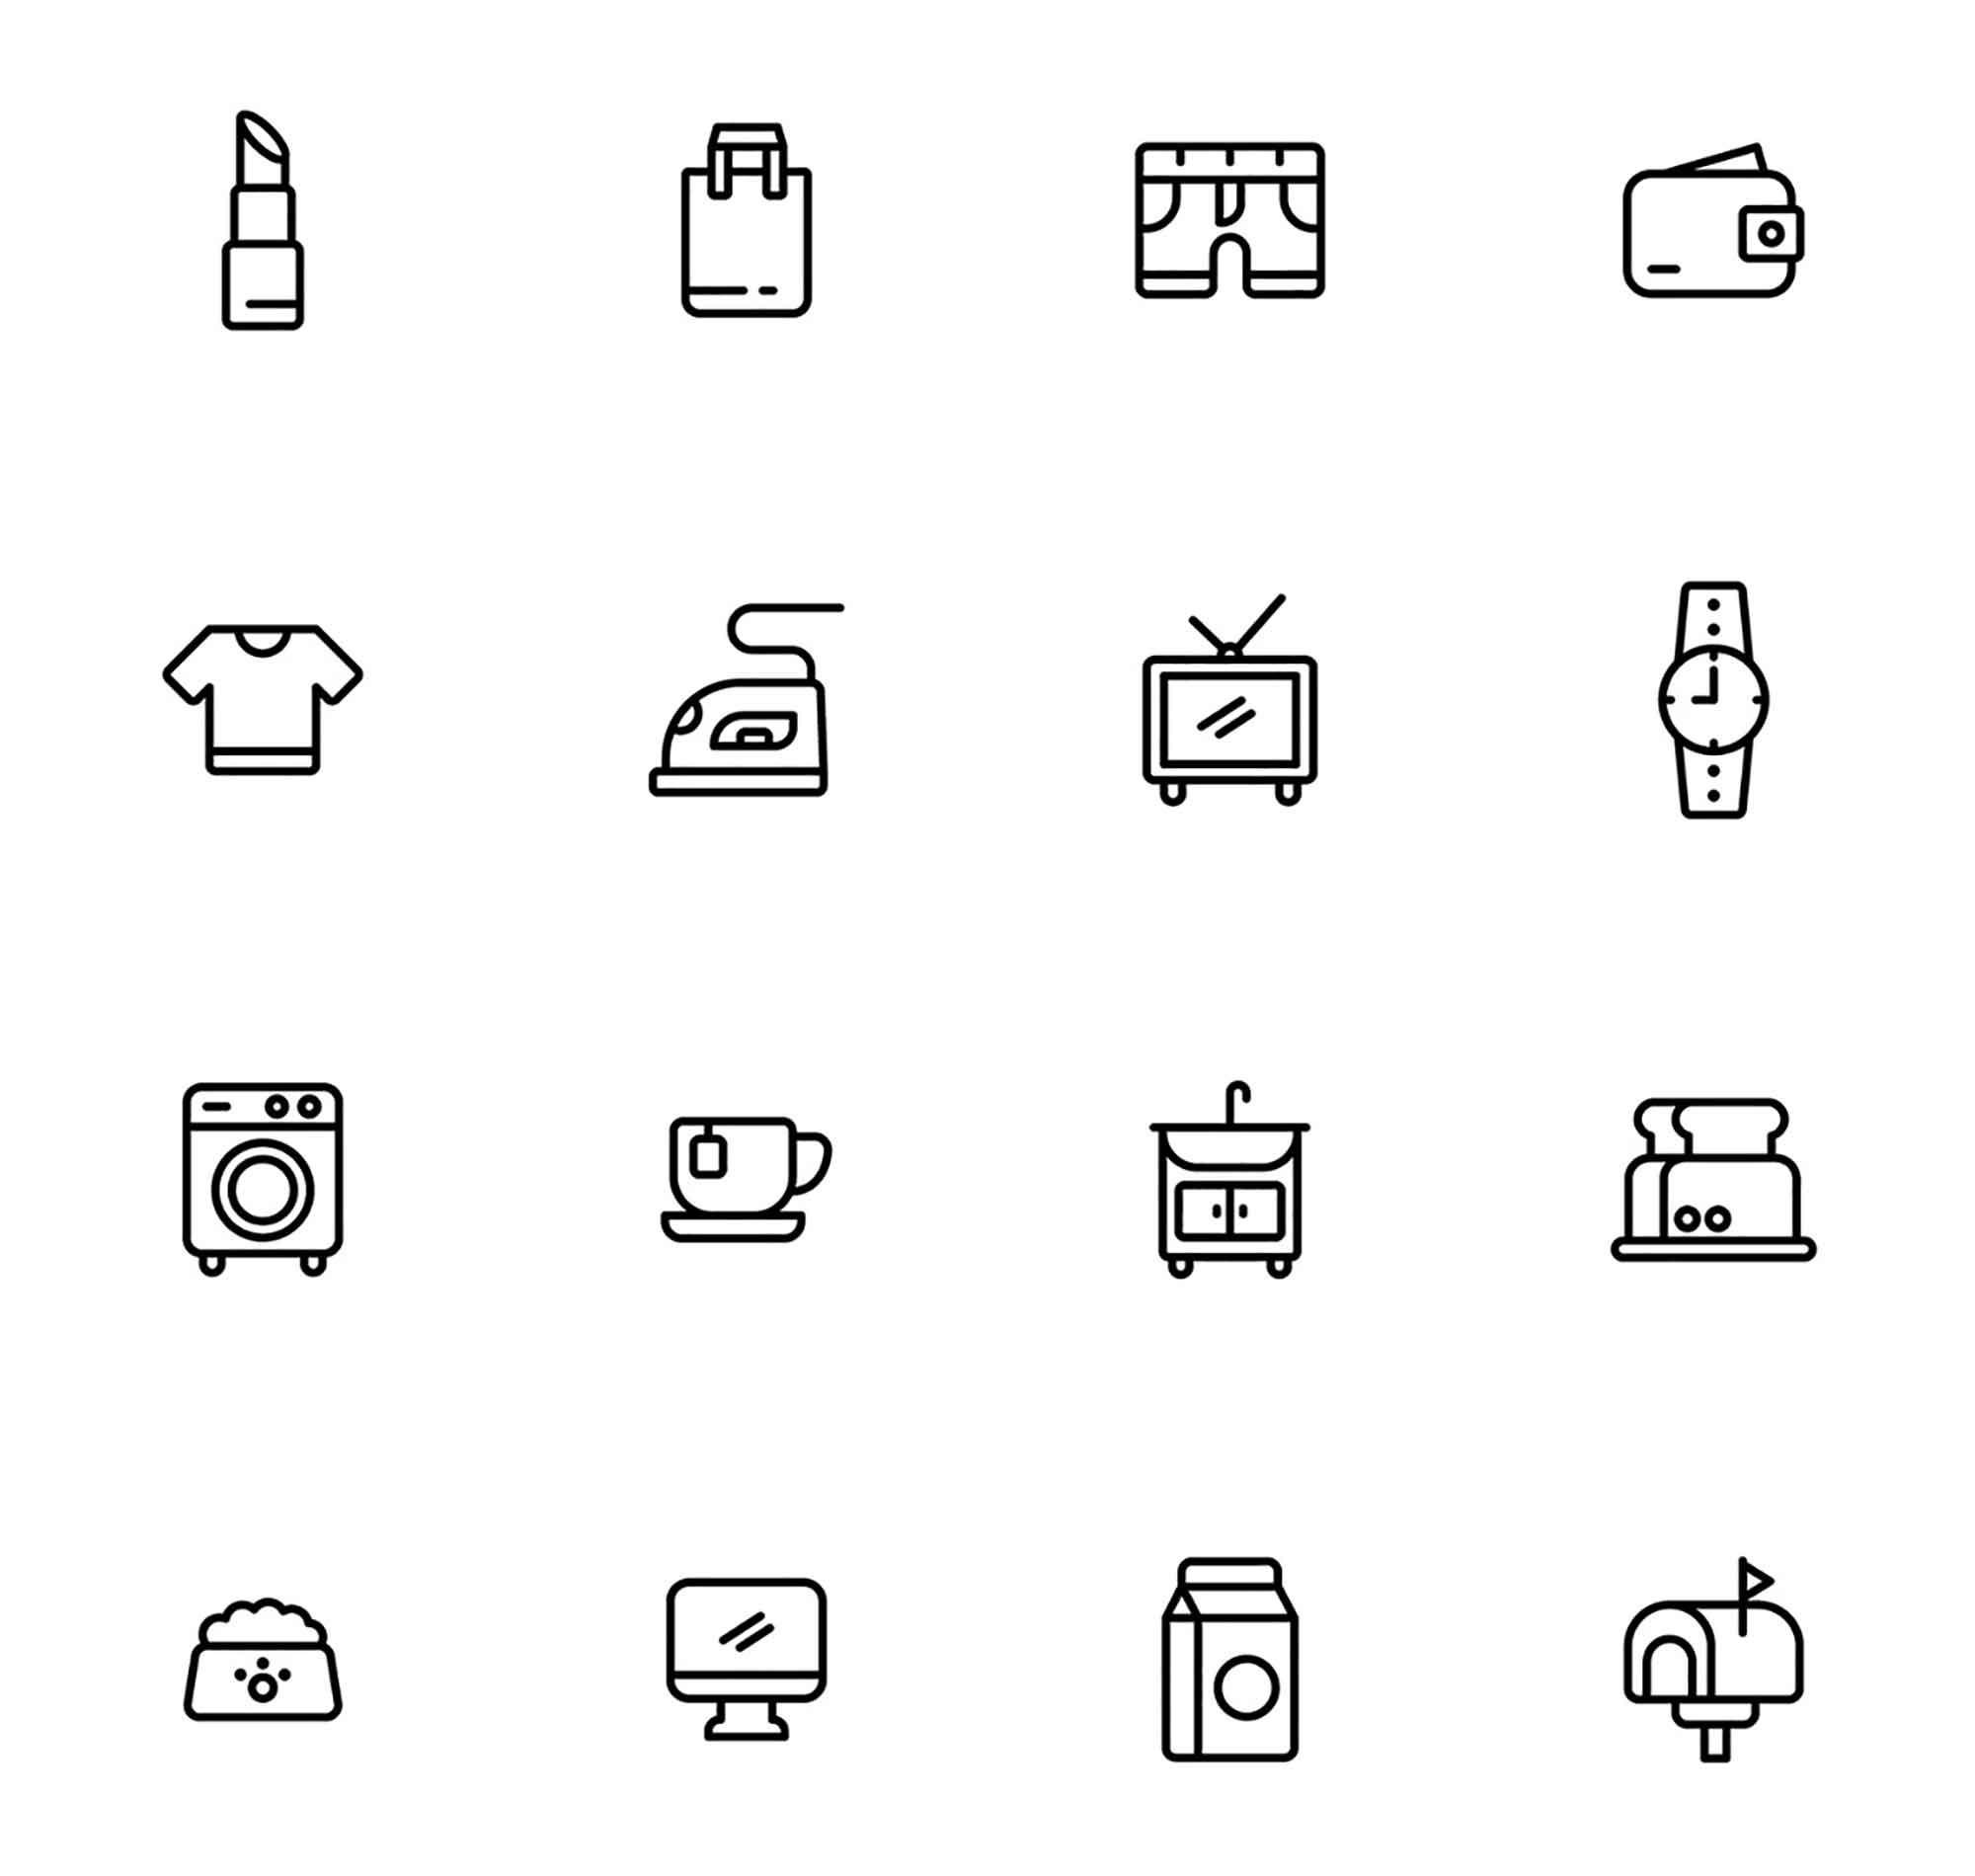 Everyday Stuff Icons